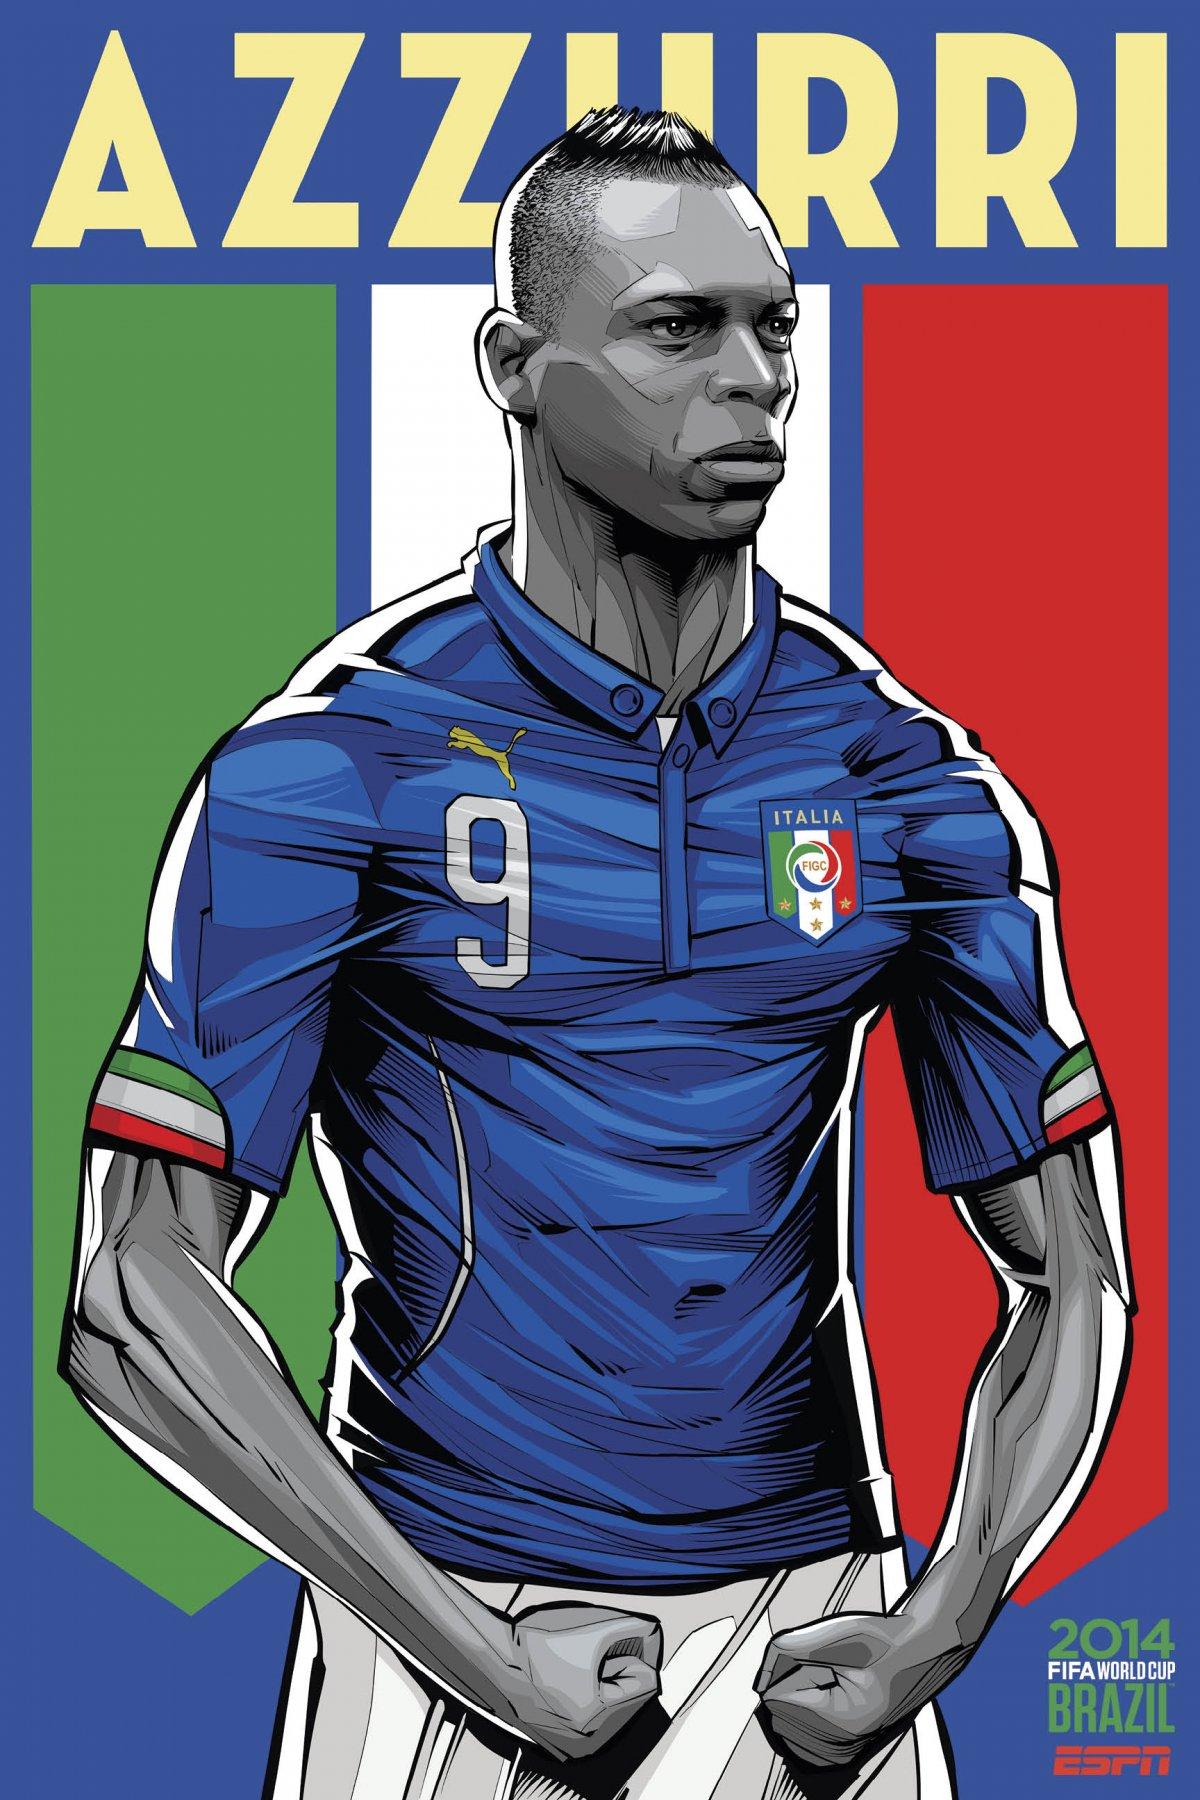 ESPN تطلق ملصقات خاصة بالمنتخبات المشاركة في كأس العالم